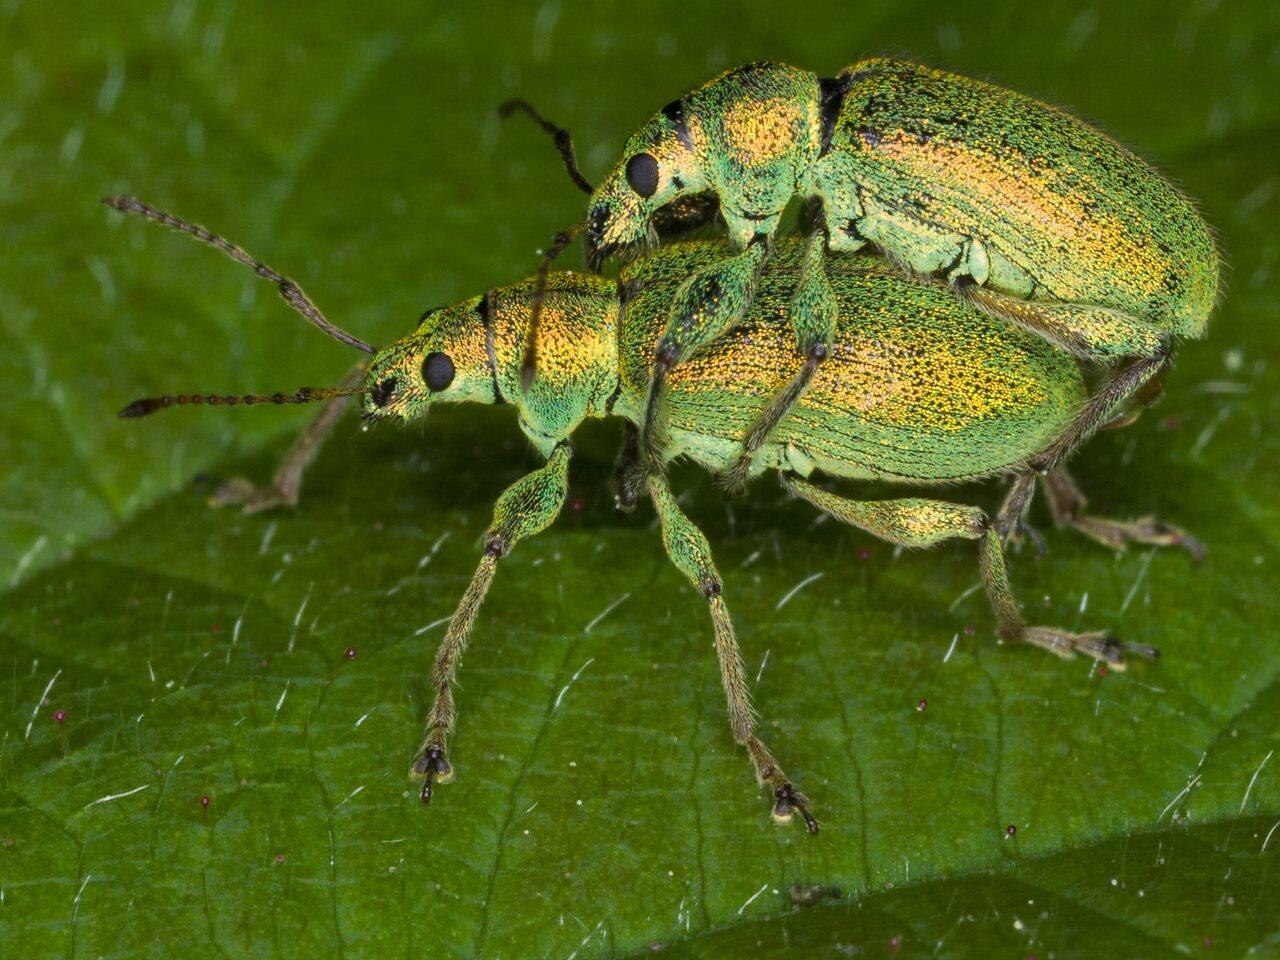 Phyllobius-argentatus-3267.jpg